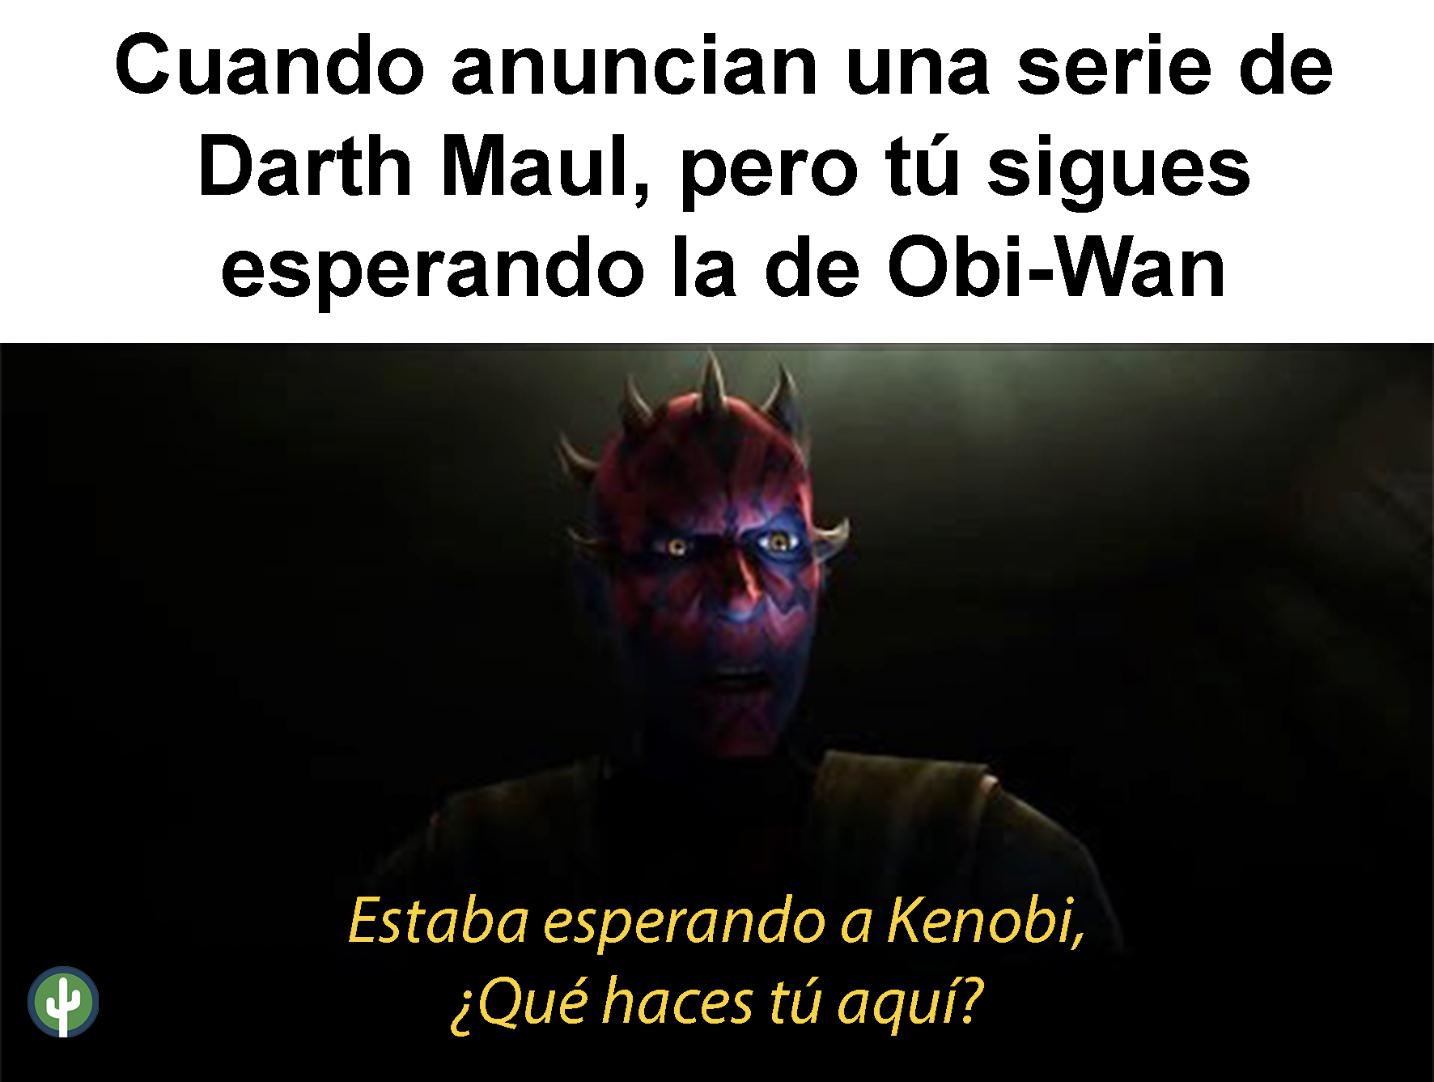 Darth Maul Kenobi Meme